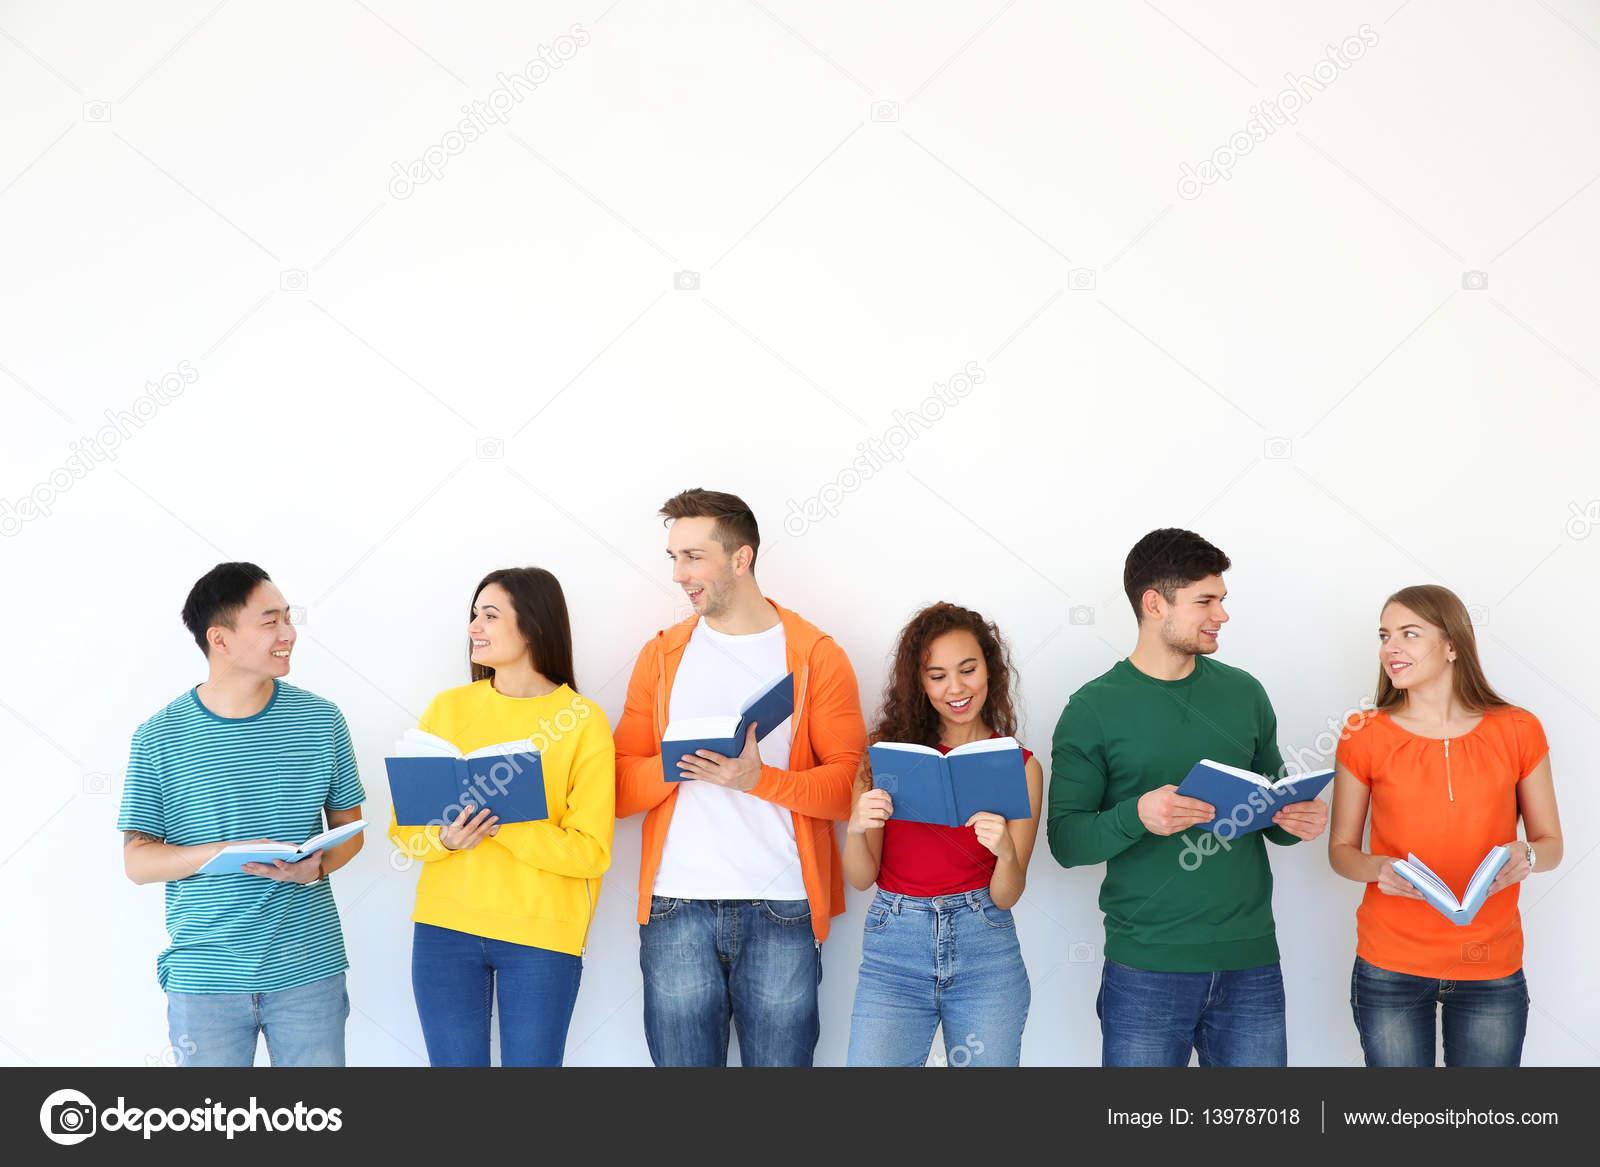 Grupo Personas Leyendo Libros Mientras Está Parado Junto